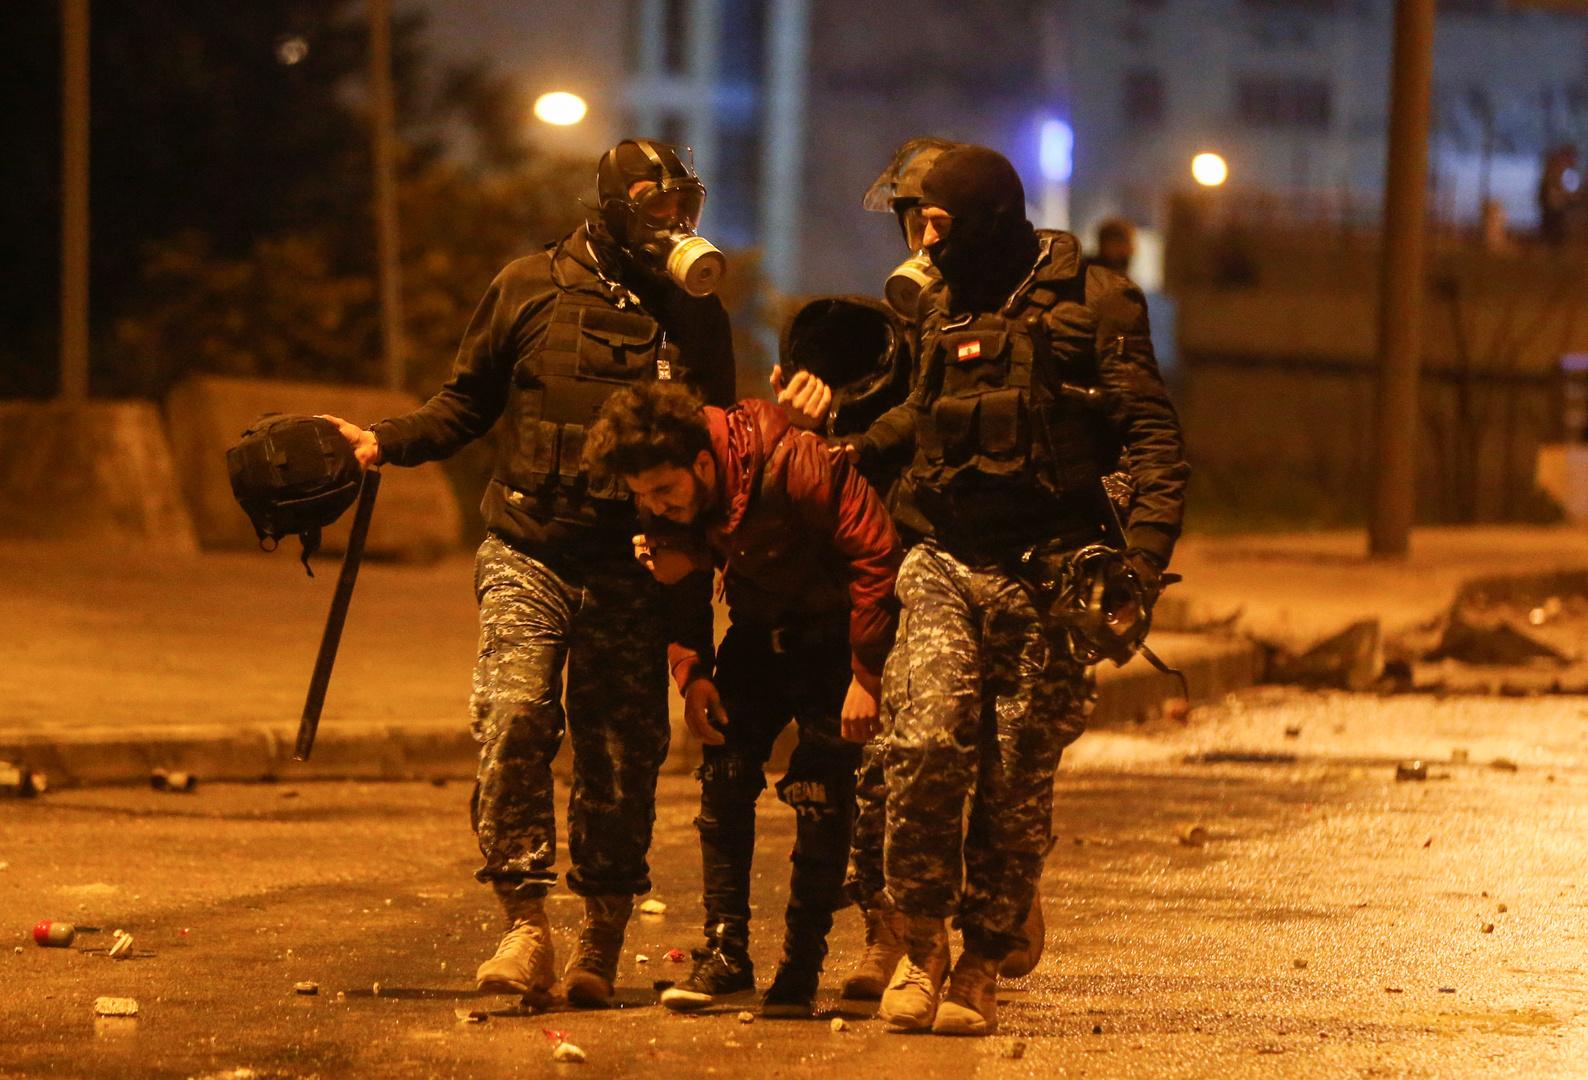 قوى الأمن الداخلي في لبنان تعتقل أحد المحتجين